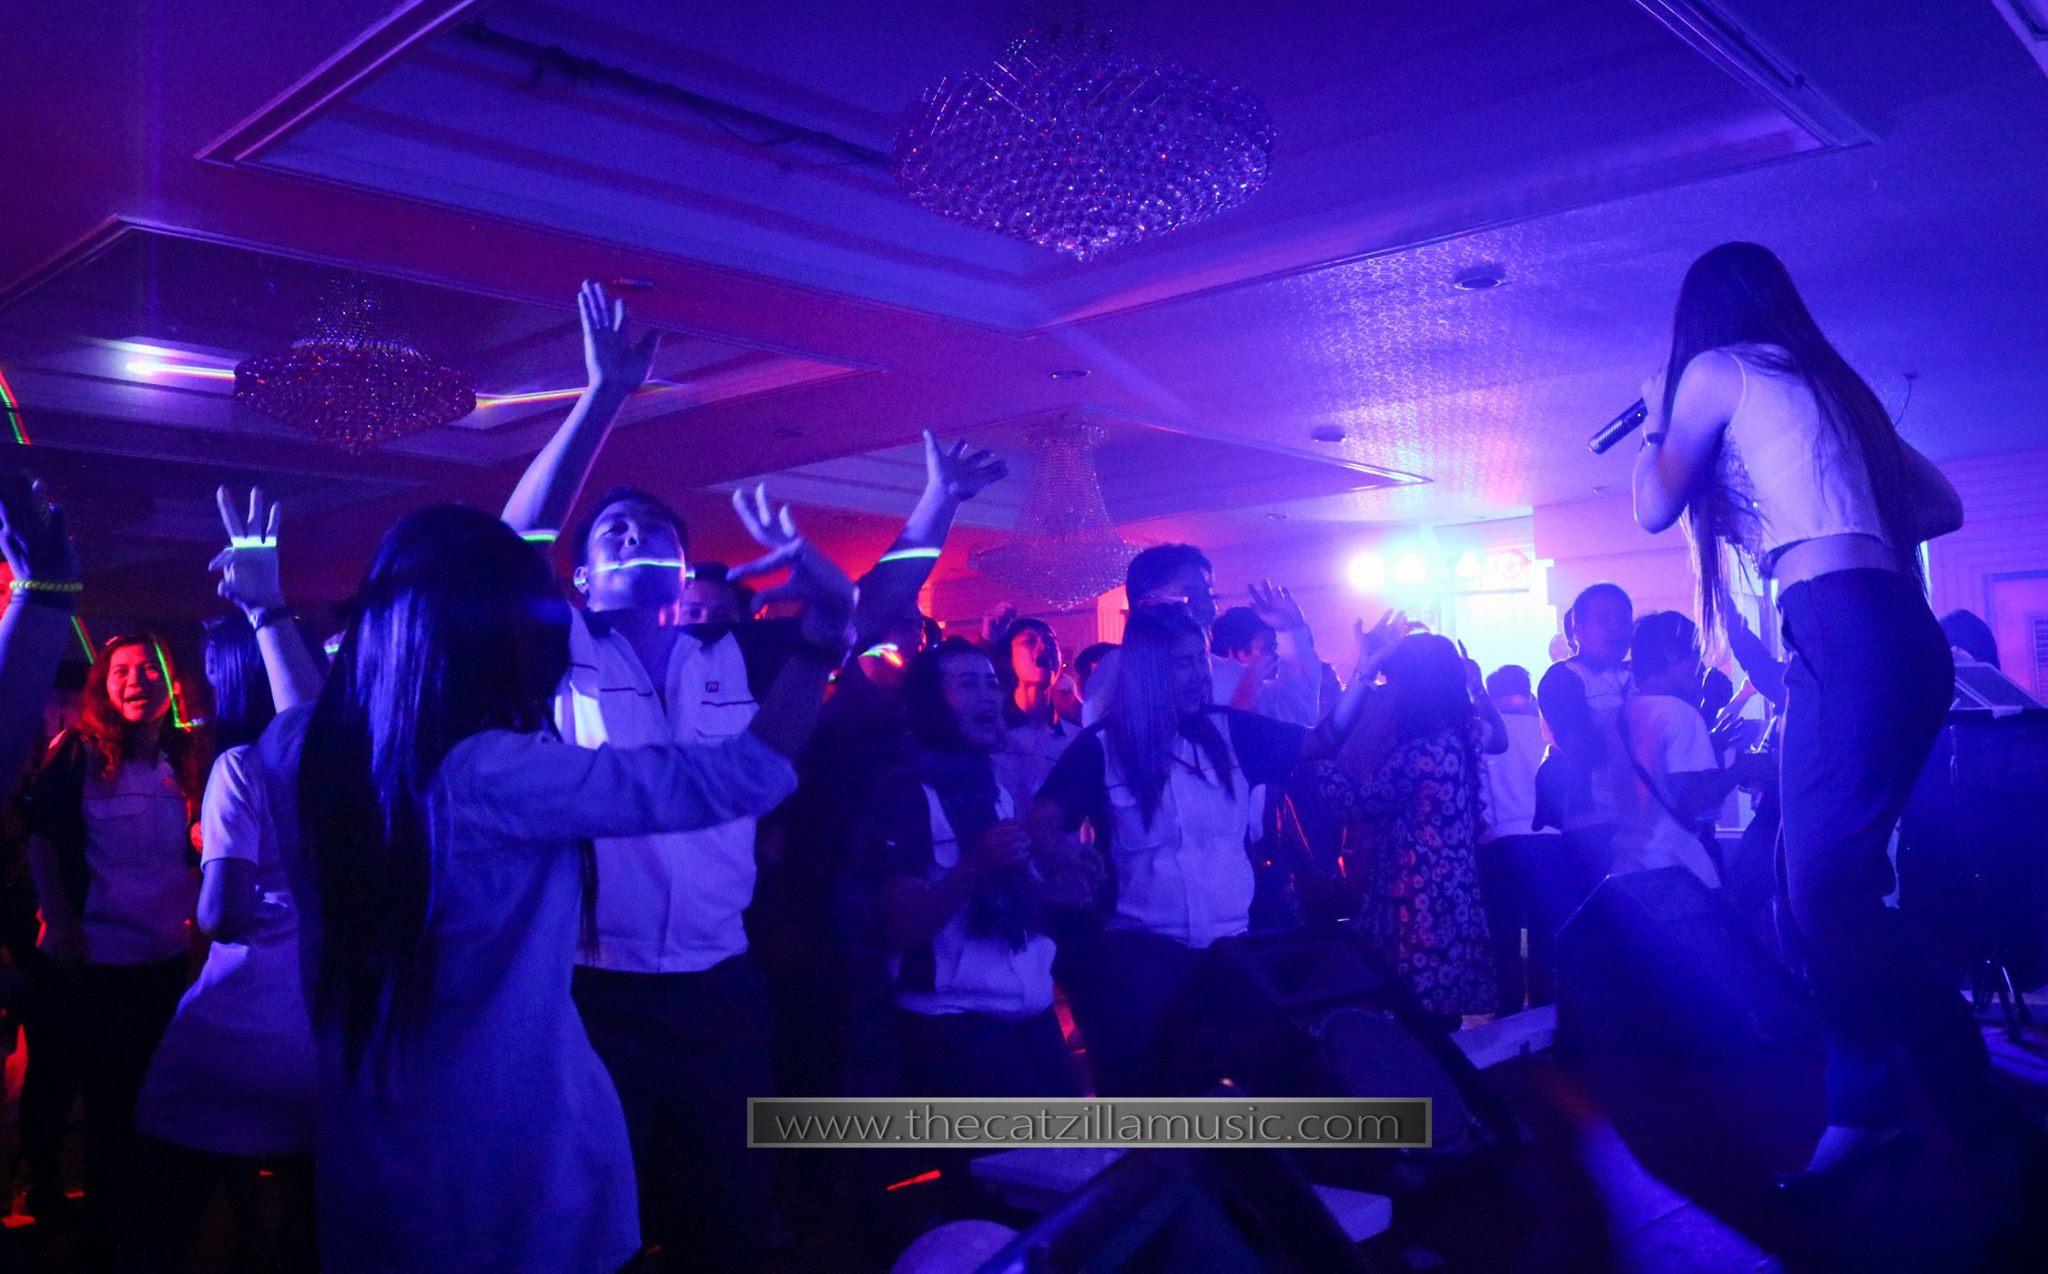 วงดนตรีงานเลี้ยง After Party งานแต่งงาน บุ๋นแบนด์ วงดนตรีสด After party wedding วงดนตรีงานแต่งงาน thecatzillamusic Avana 10